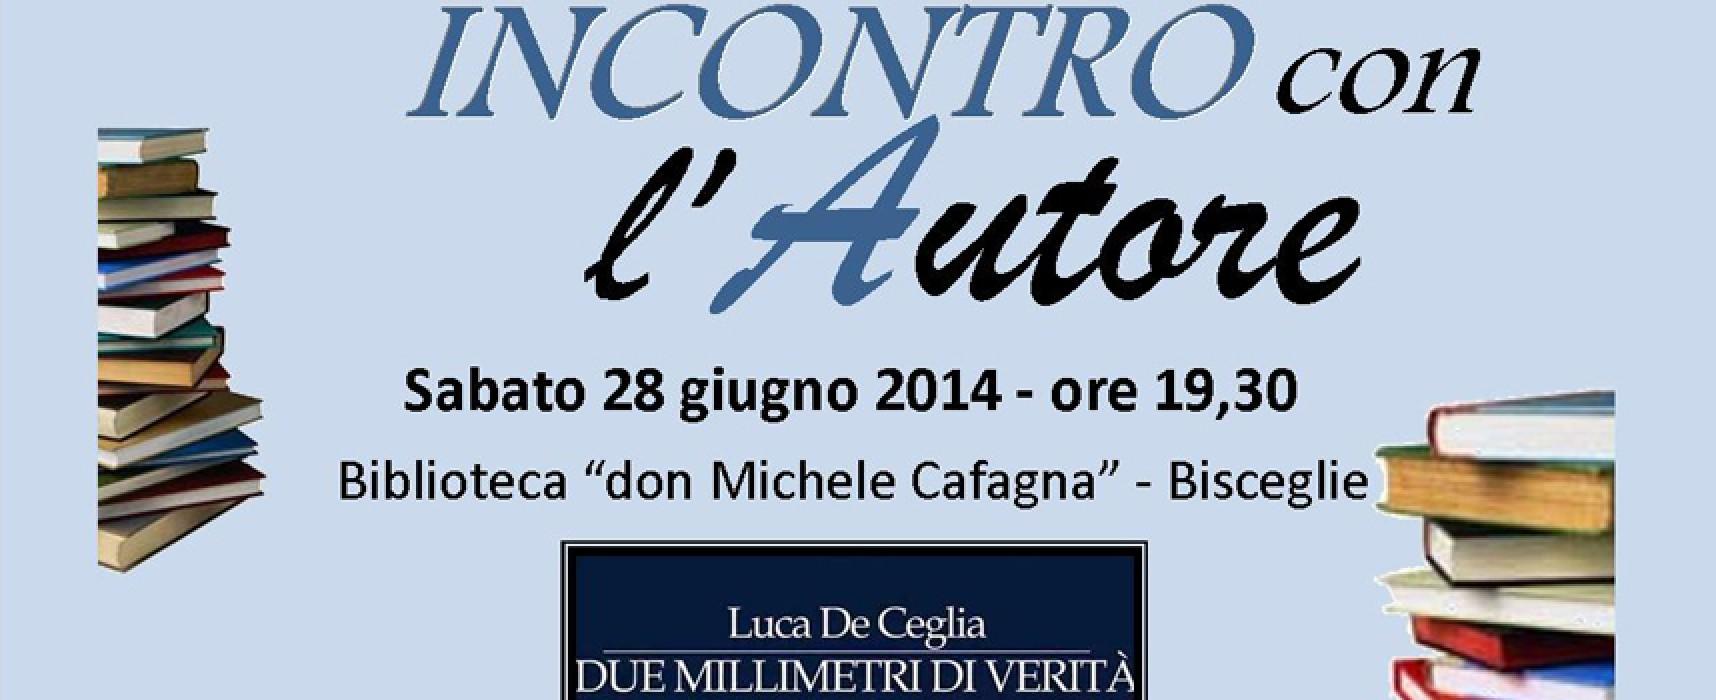 Stasera Luca De Ceglia presenta il suo libro, in dialogo con Gianluca Veneziani